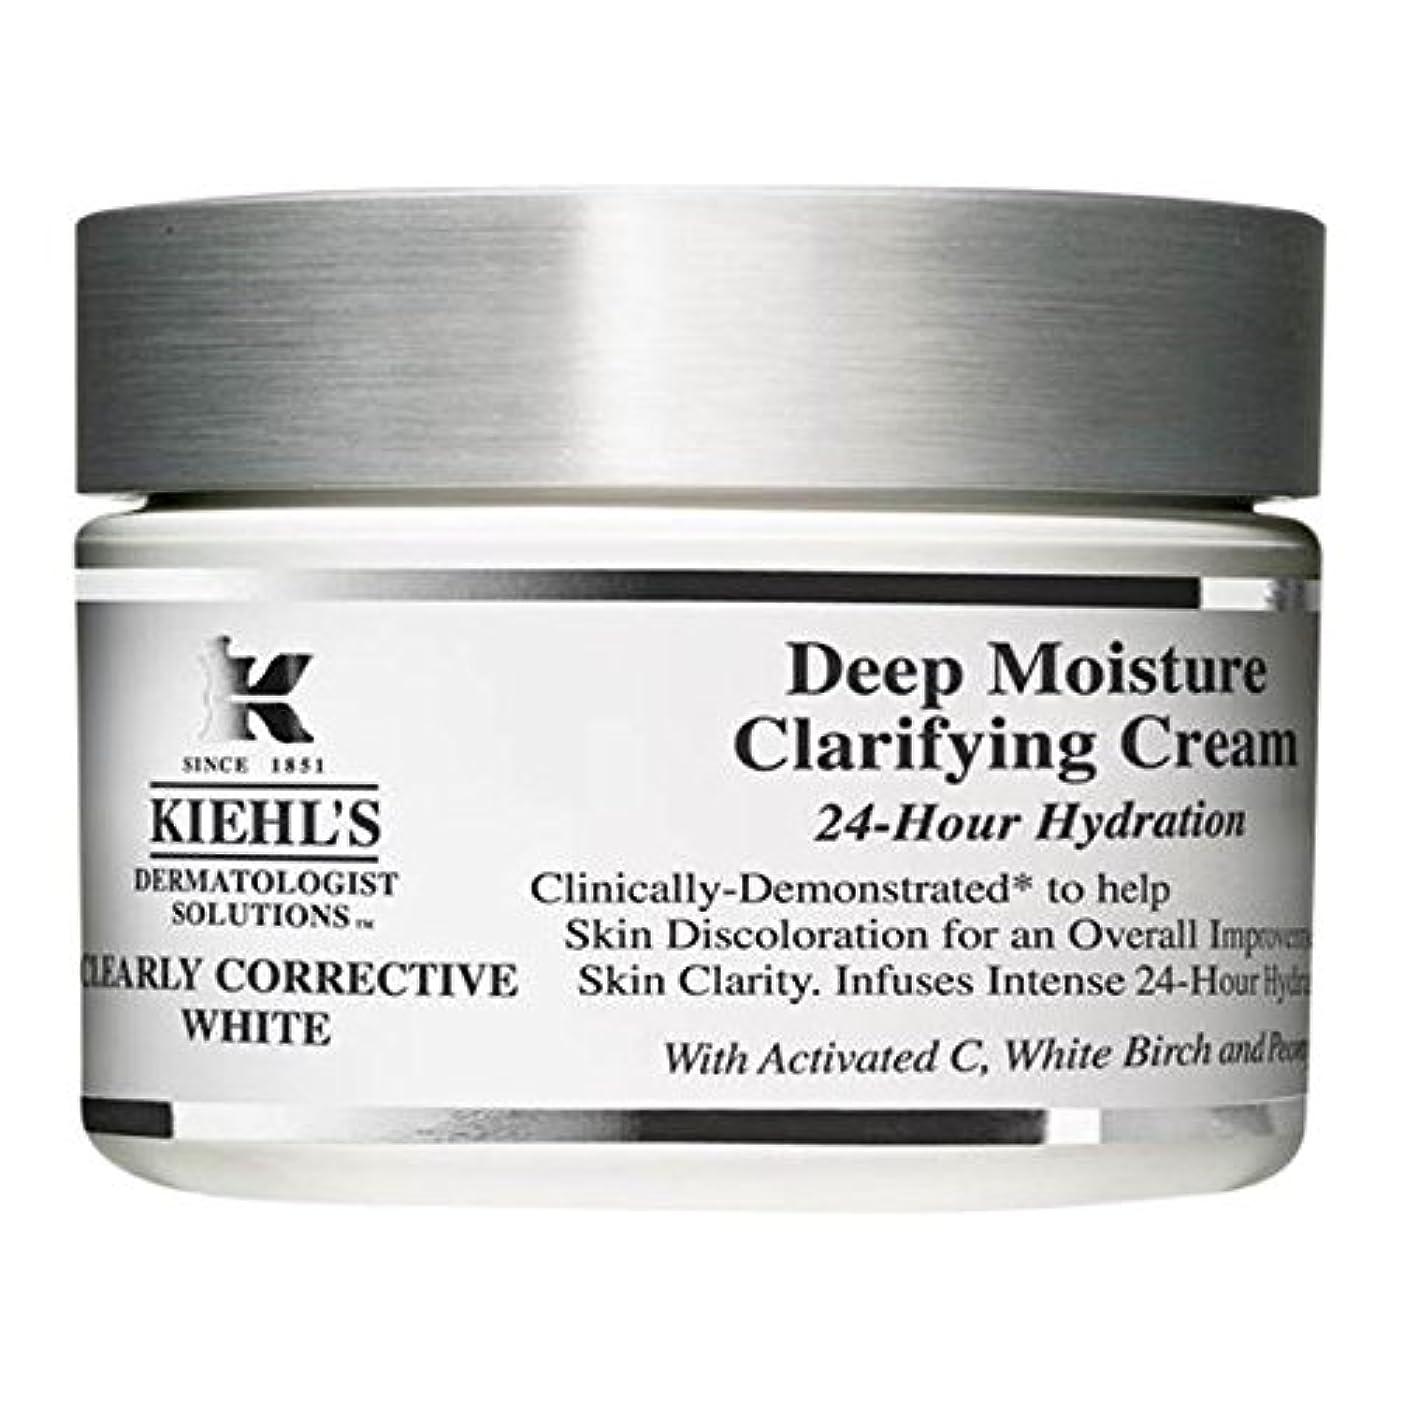 原子懸念魅力的[Kiehl's] キールズ明確に是正白深い水分清澄クリーム - Kiehl's Clearly Corrective White Deep Moisture Clarifying Cream [並行輸入品]